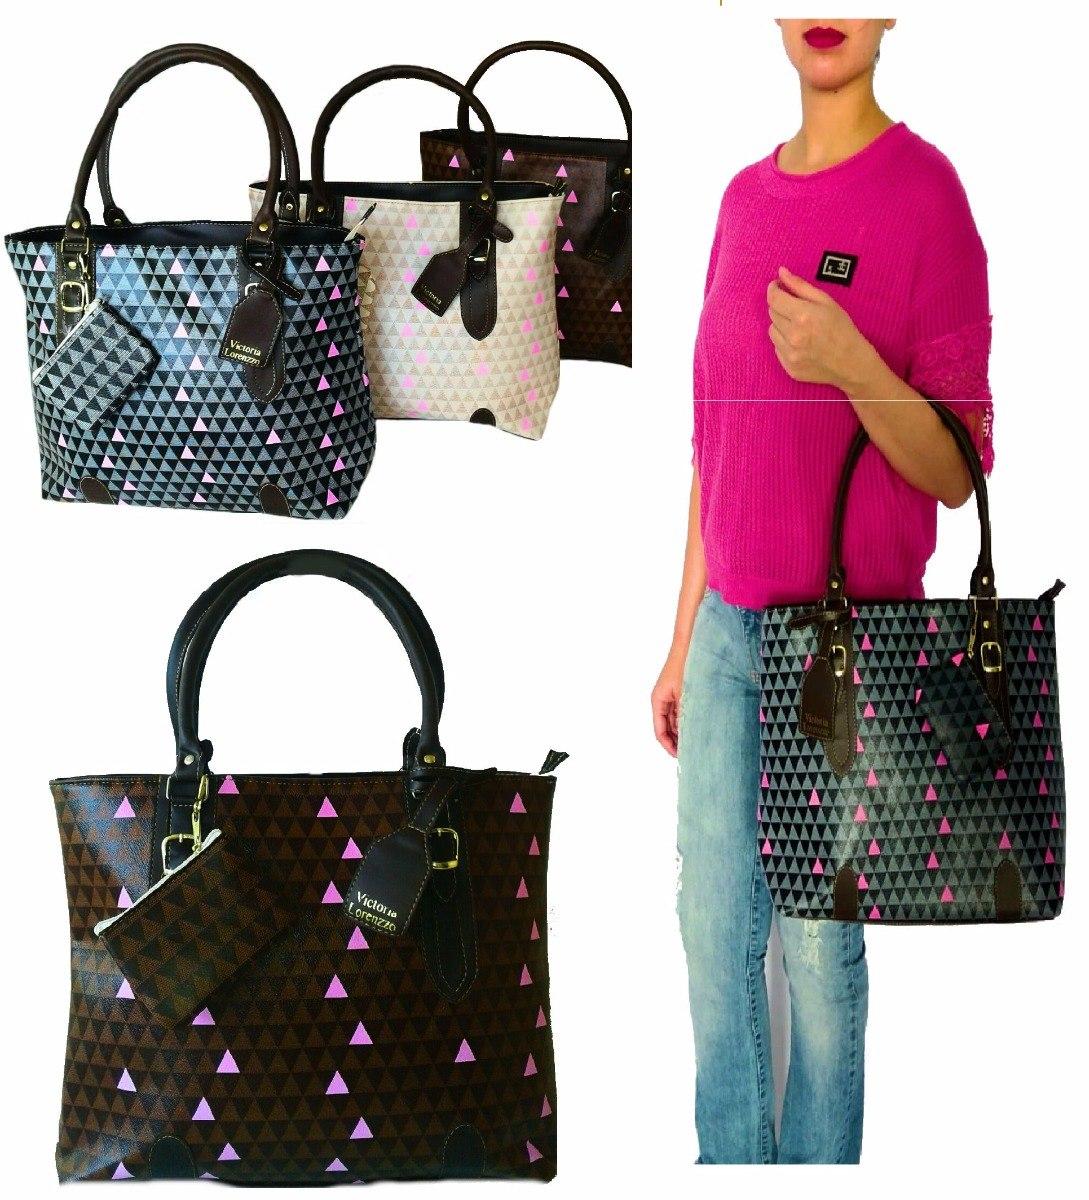 c348bb0f5 bolsa sacola saco feminina estilosa de luxo faculdade barata. Carregando  zoom.